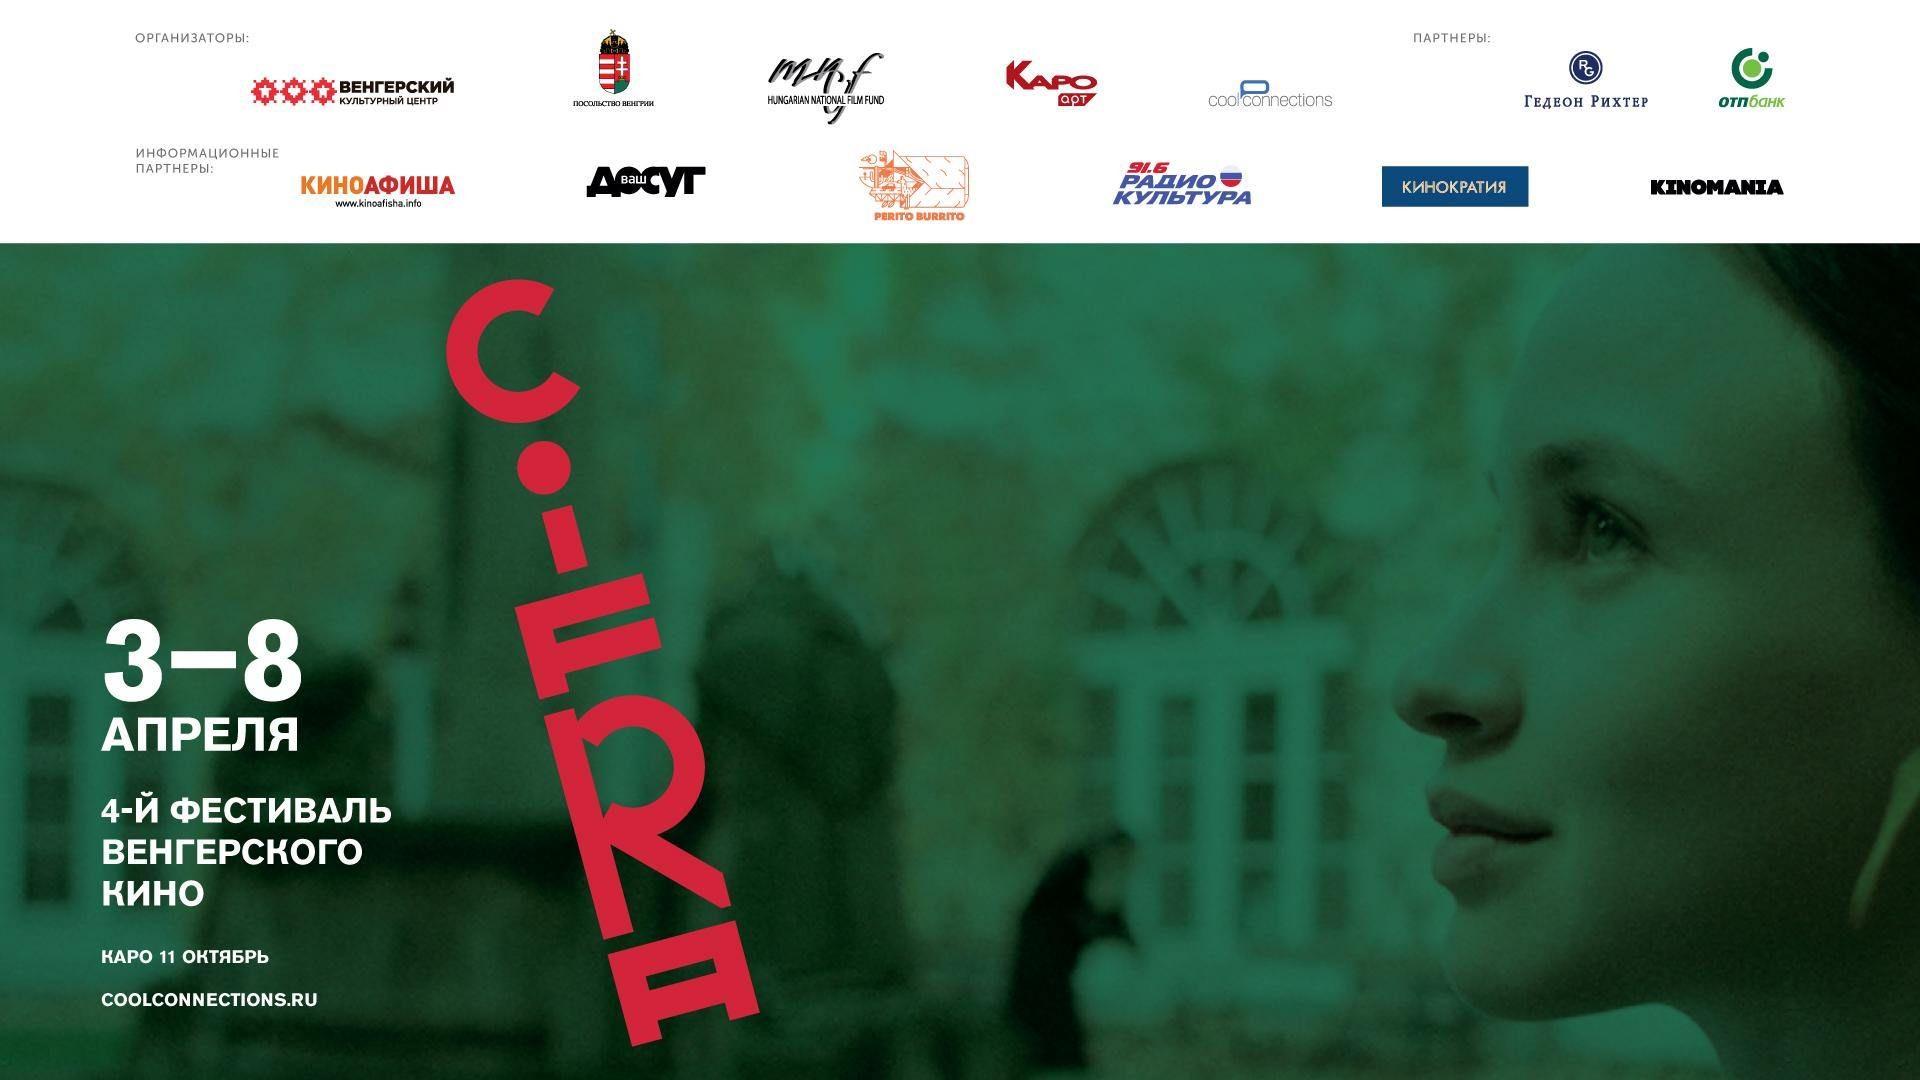 Rencontre avec la légende au 4ème festival du film hongrois